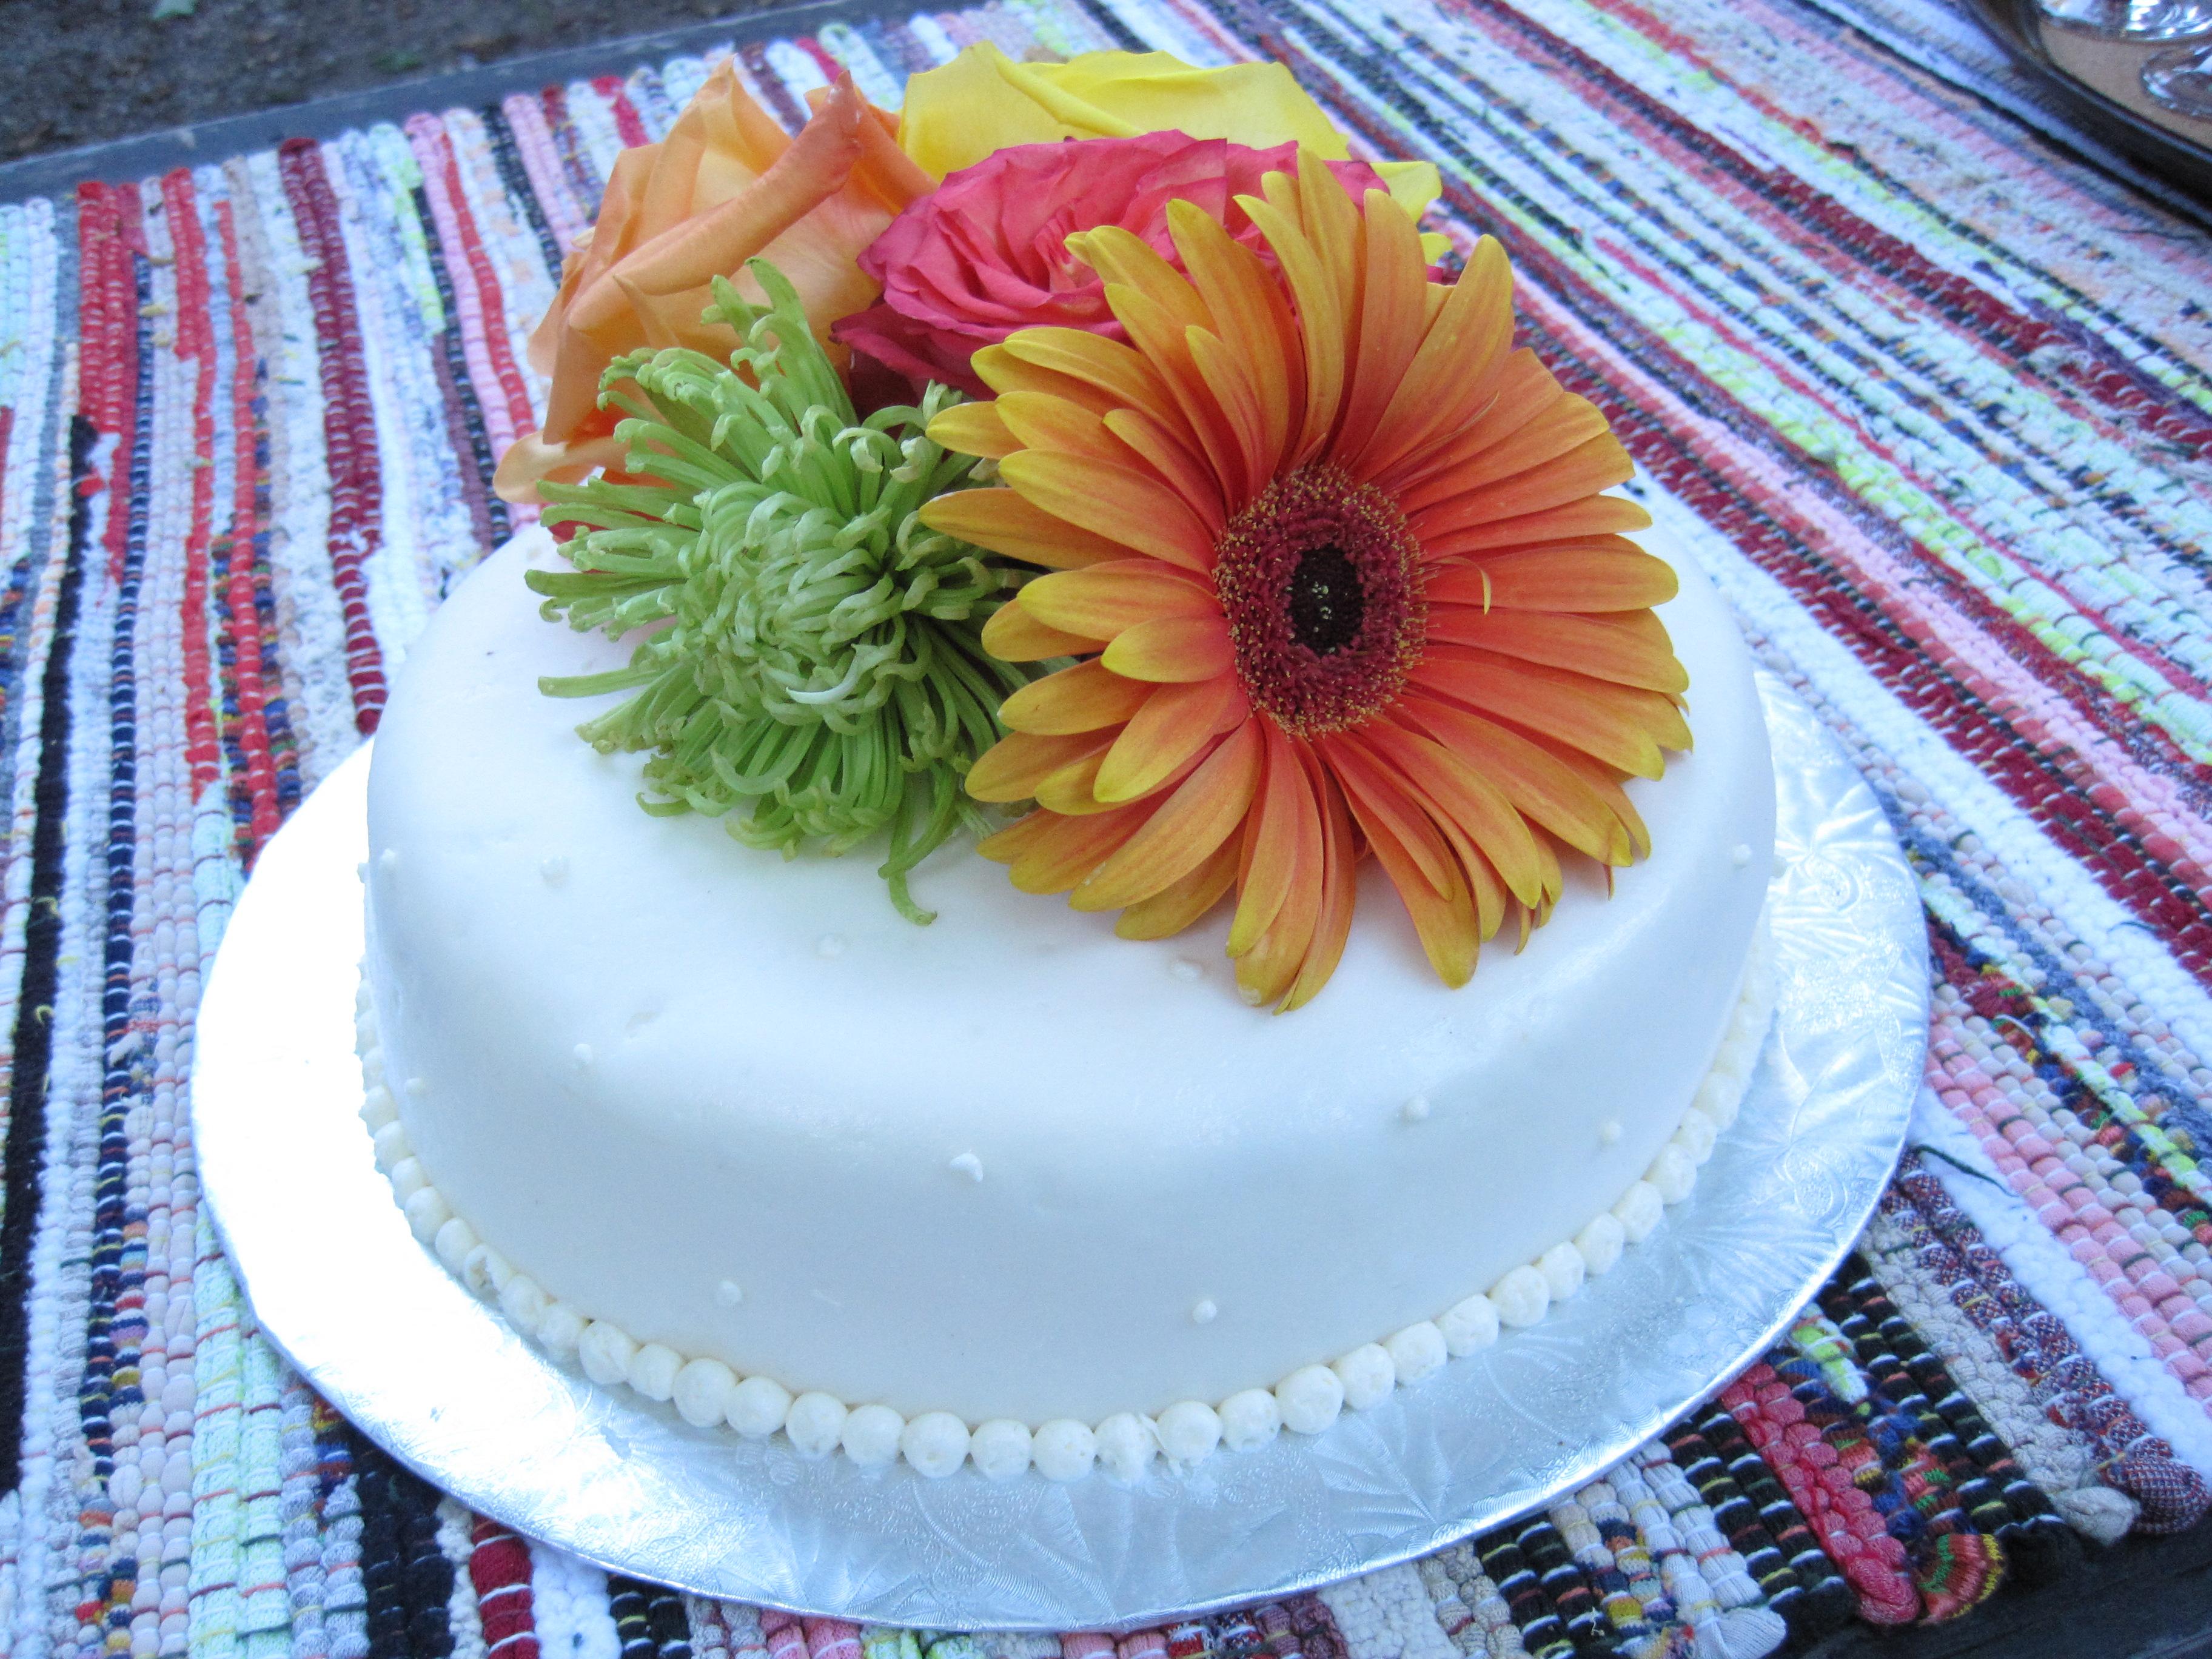 What Makes A Homemade Cake Fall